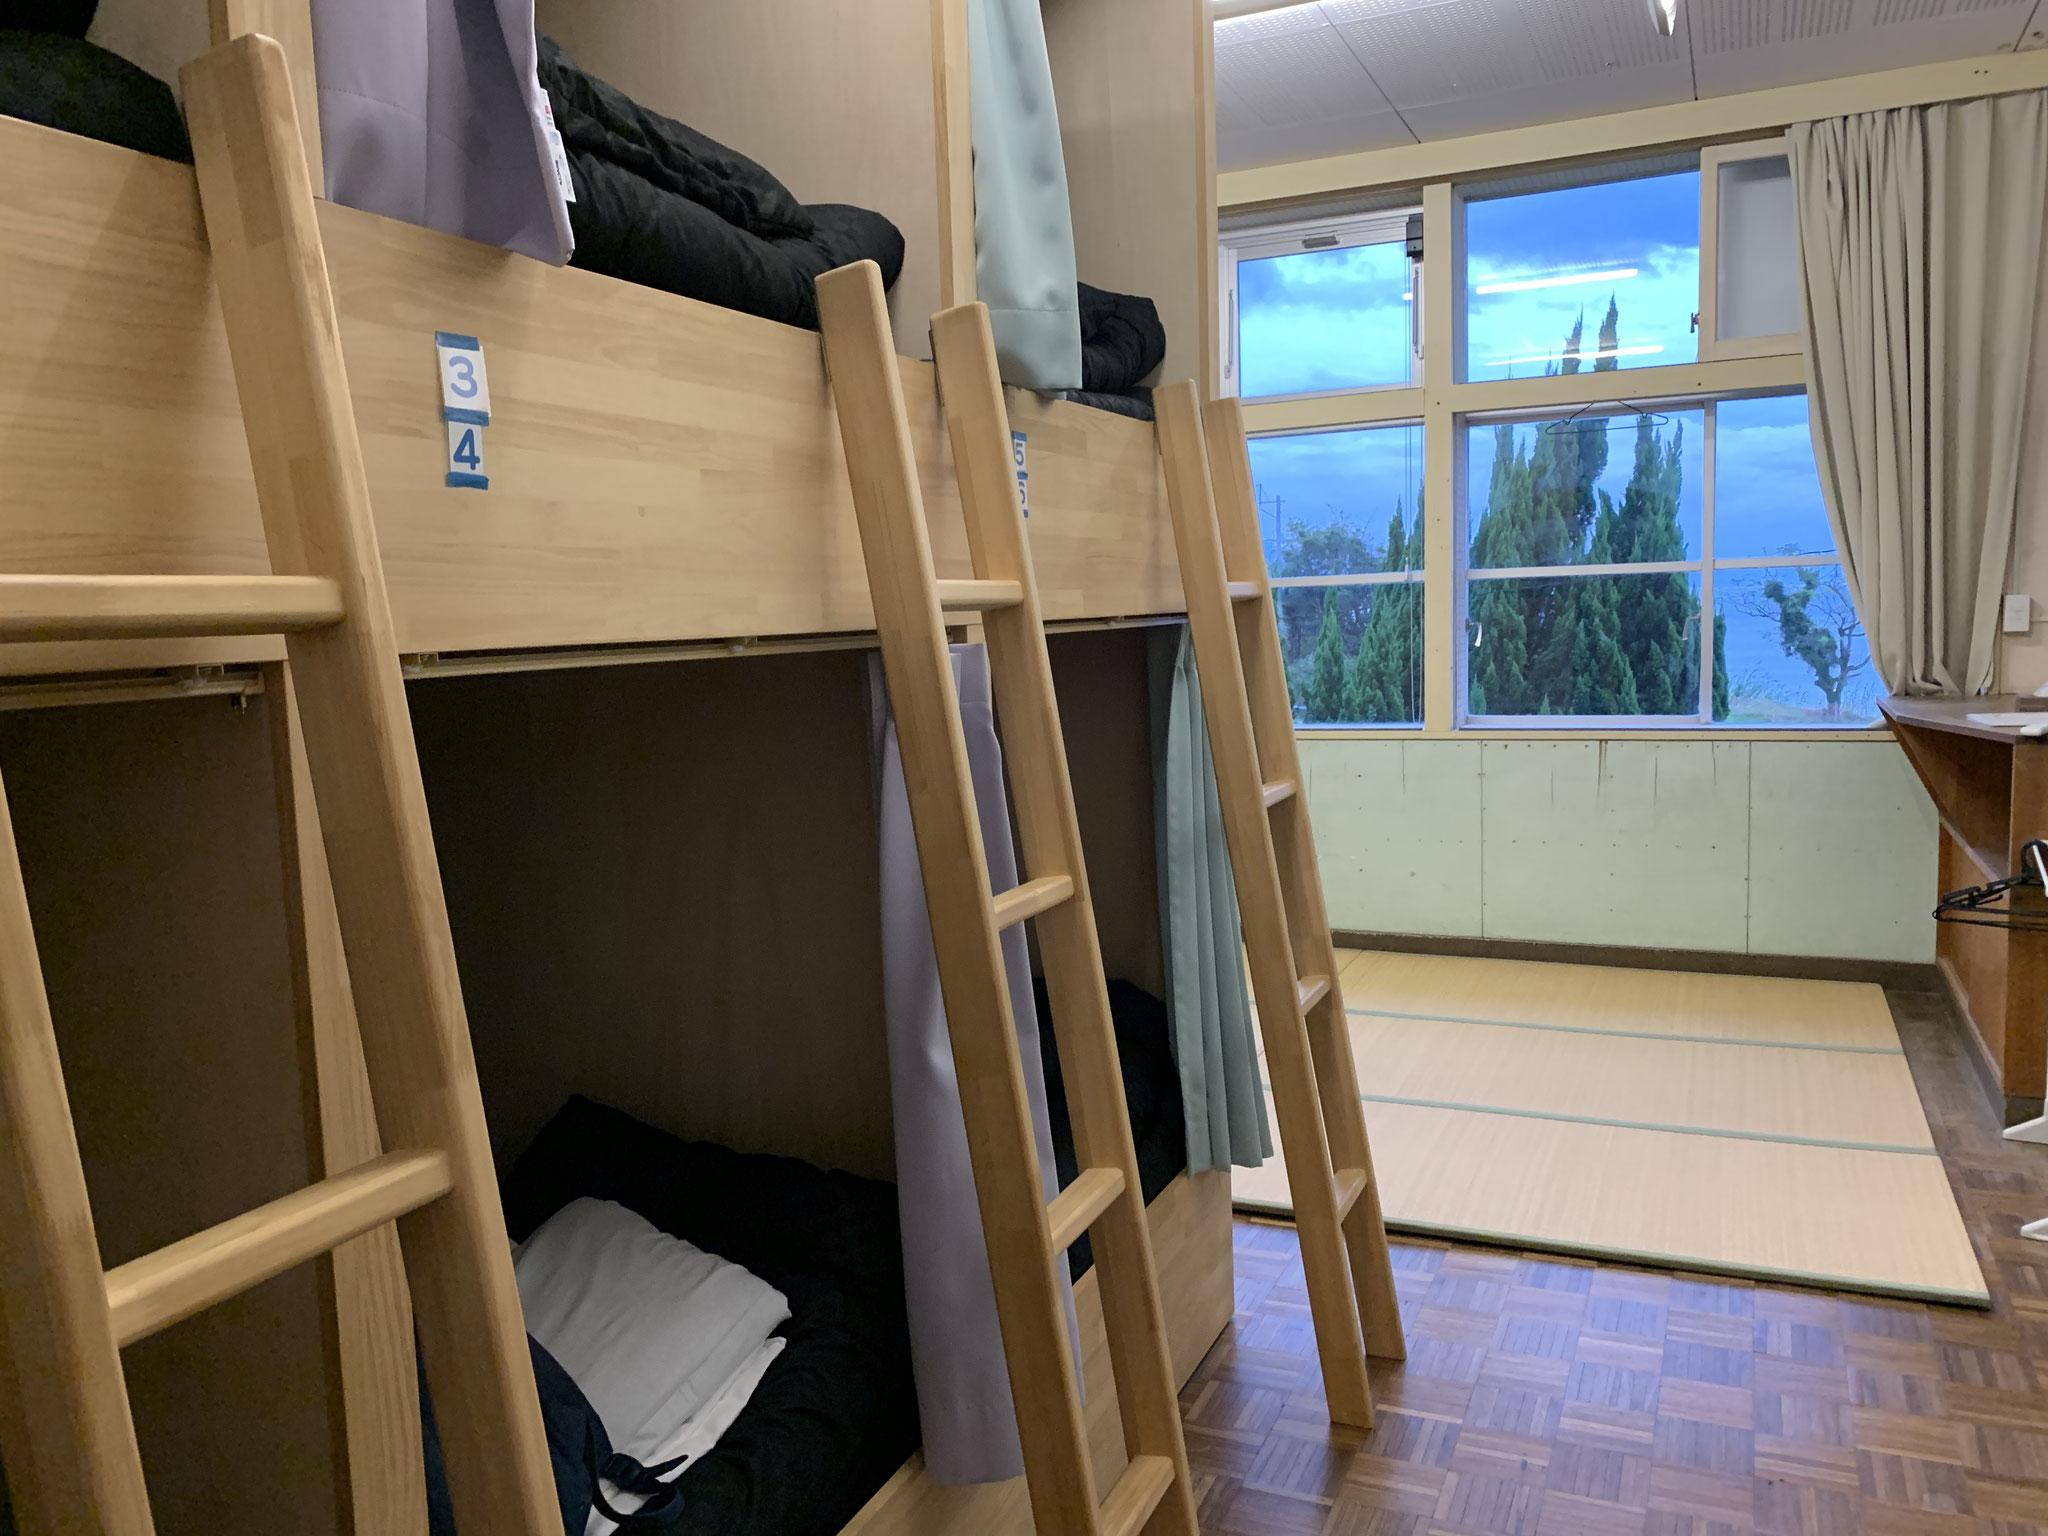 ドミトリーのベットは個室空間